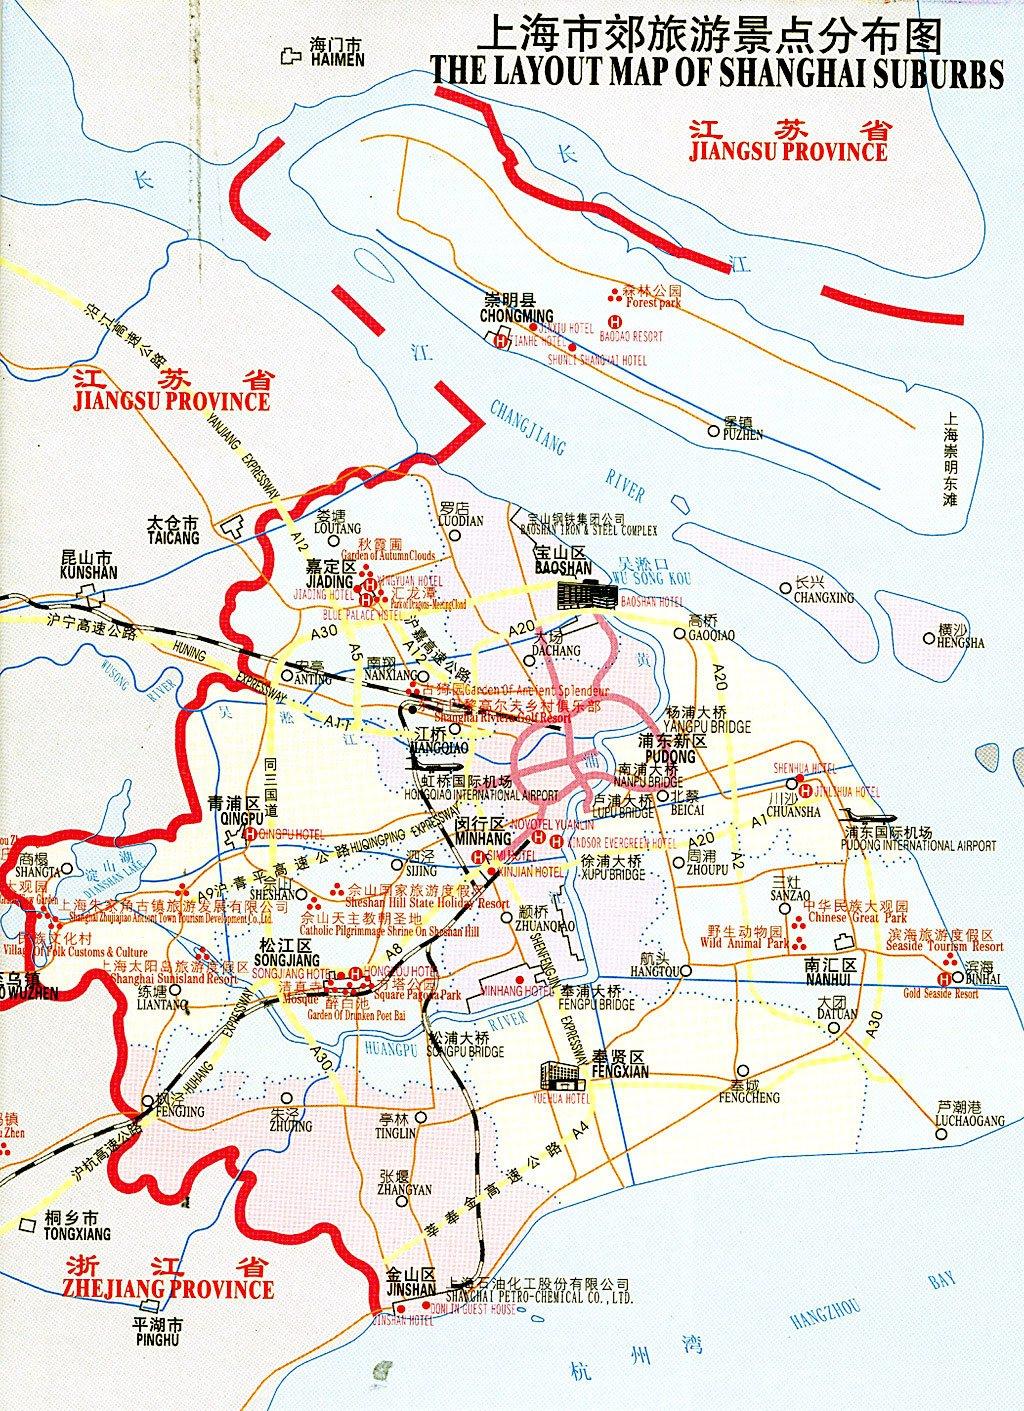 China Theme Maps China Maps By Theme Maps Of China By Theme - Fengcheng map